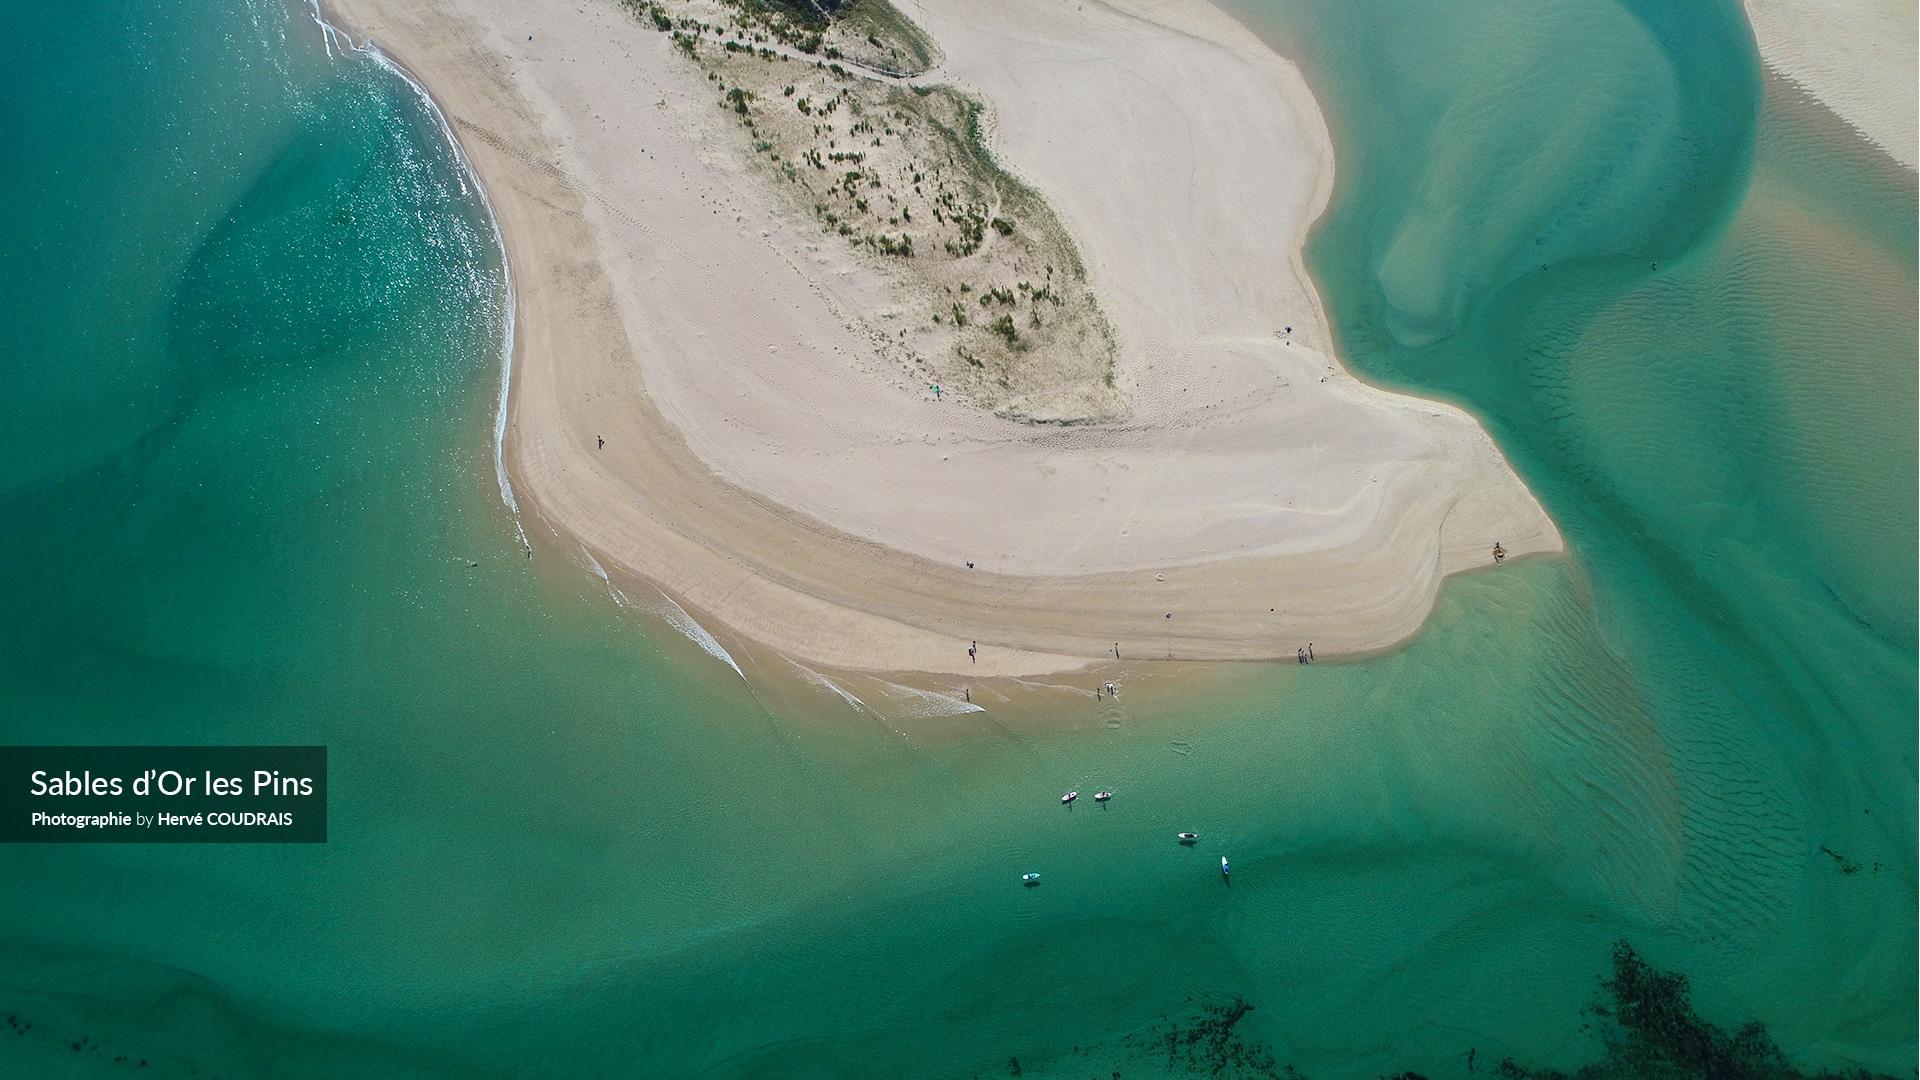 Sables d'Or Les Pins, la lagune, photographie Hervé Coudrais, Côtes d'Armor, Bretagne, drone, tourisme, vu du ciel,